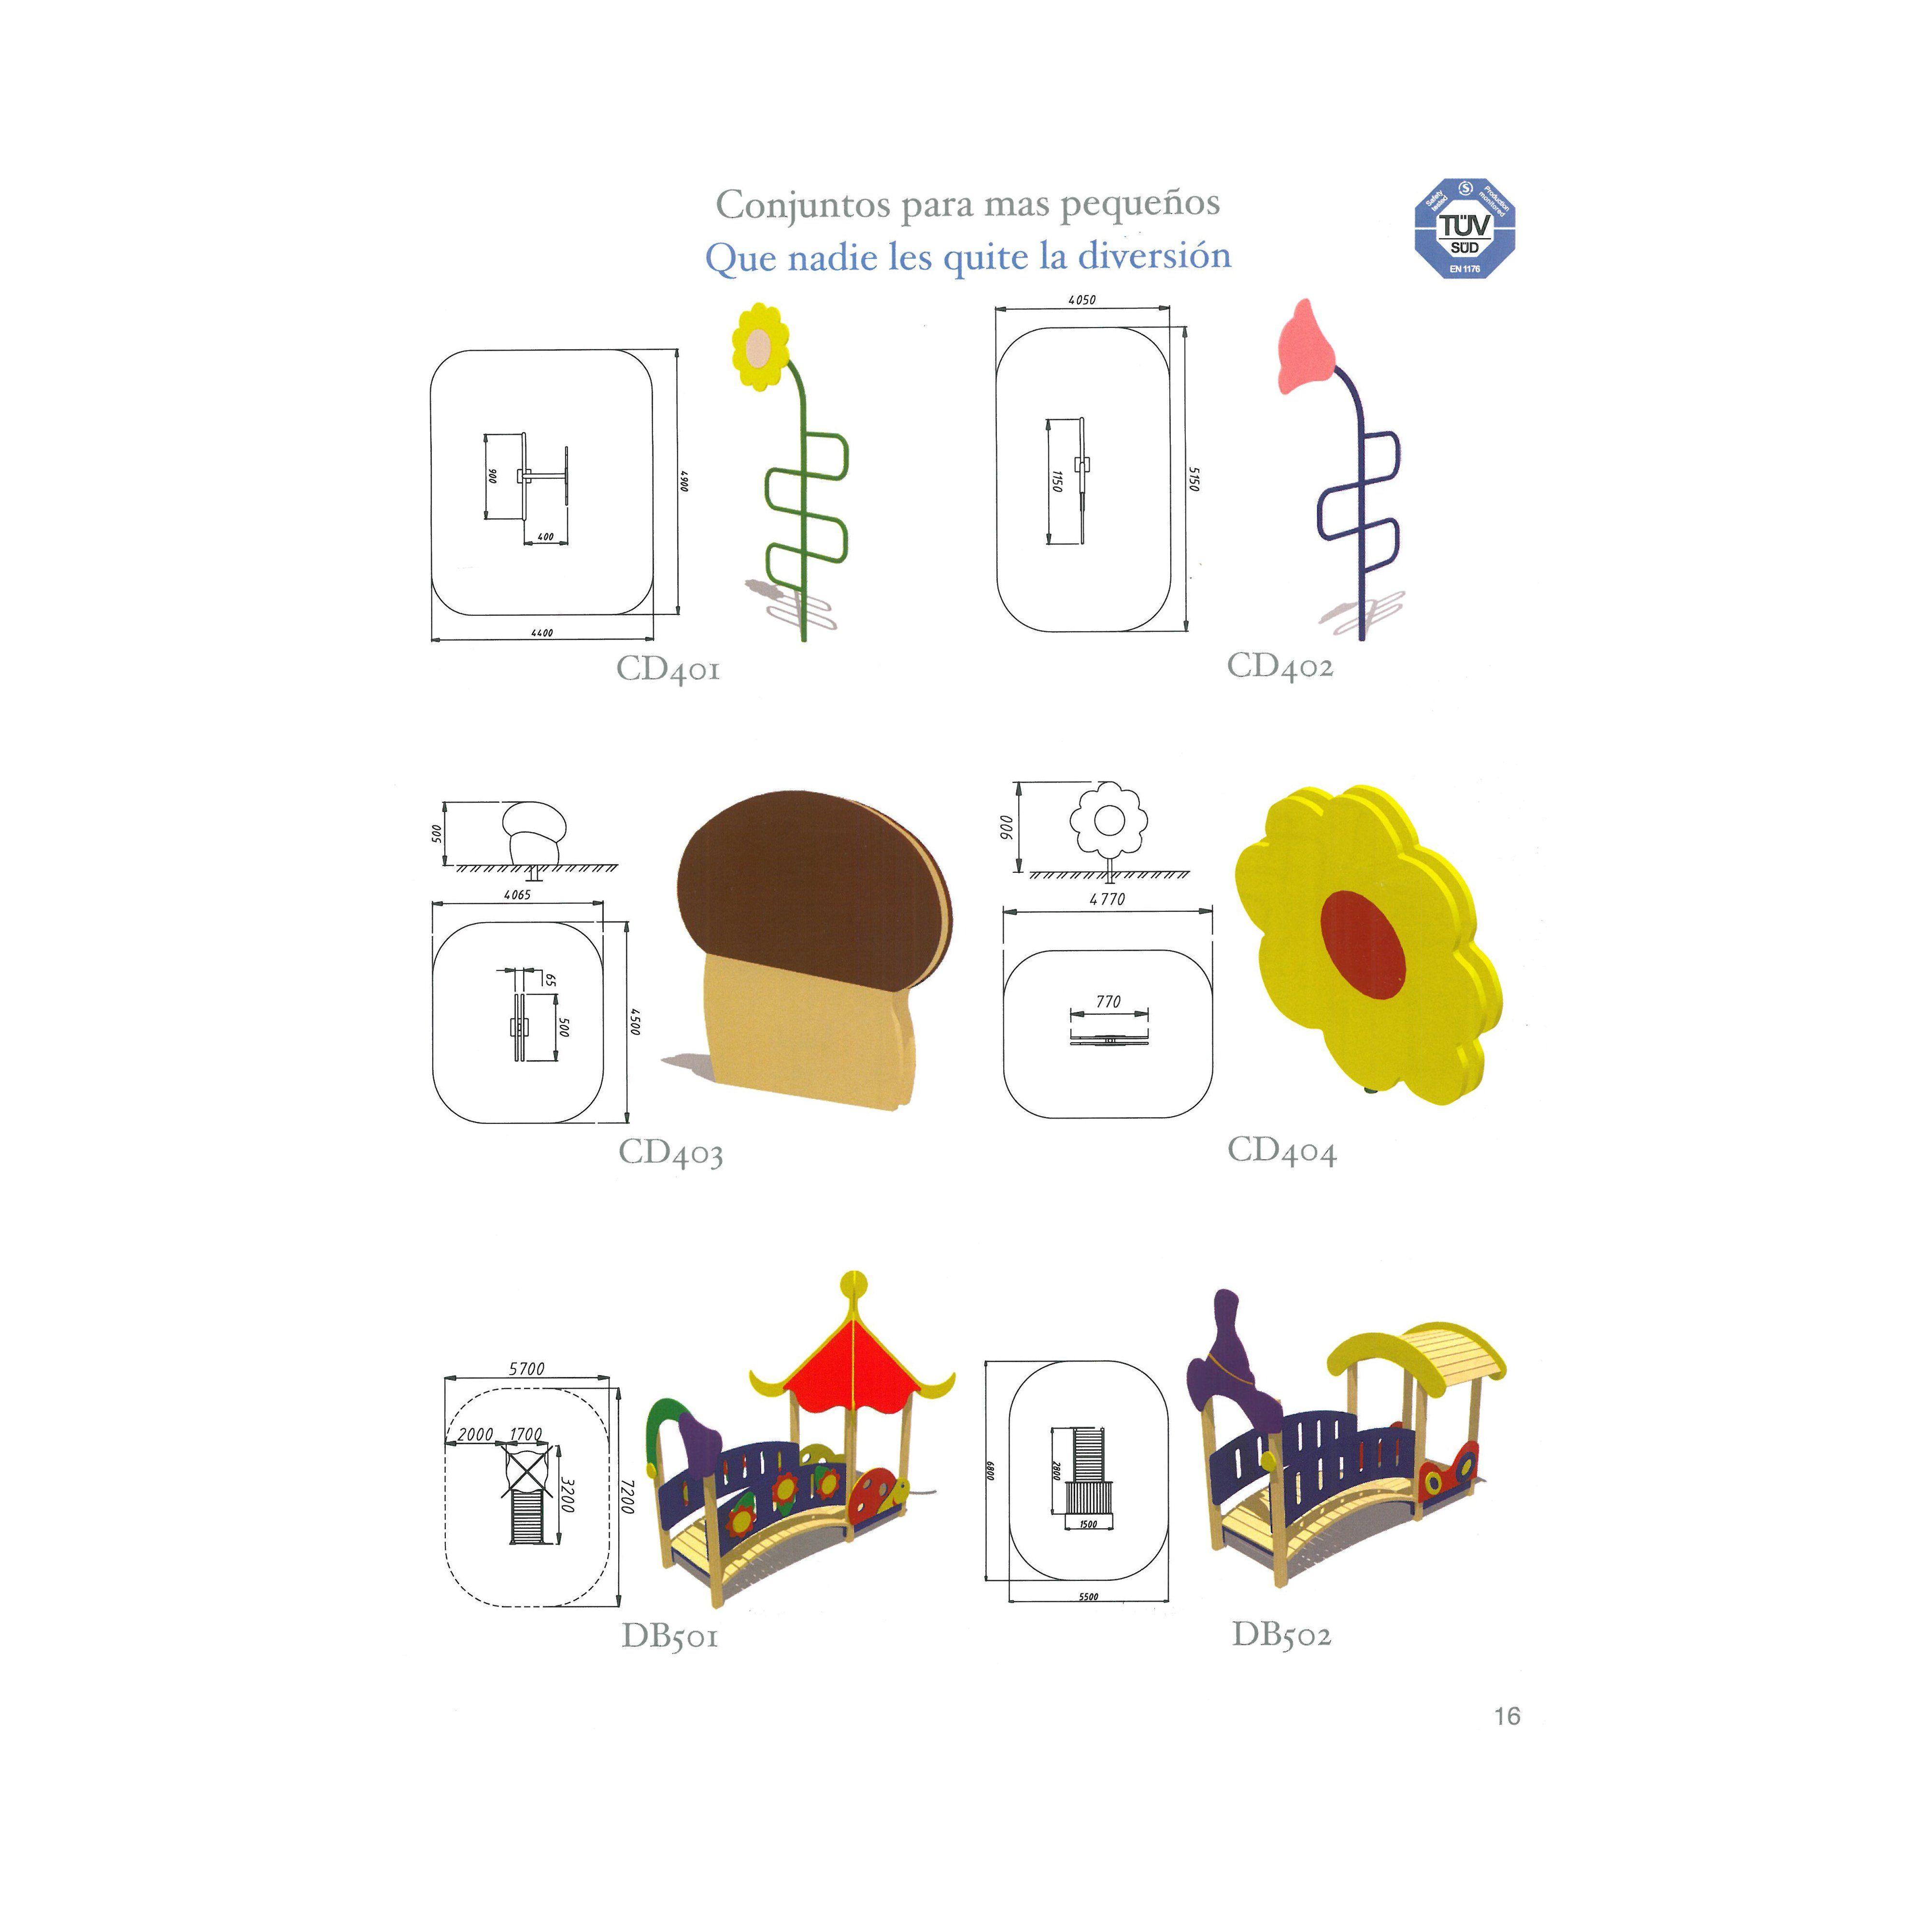 Conjuntos para los más pequeños: Productos de Cami Park